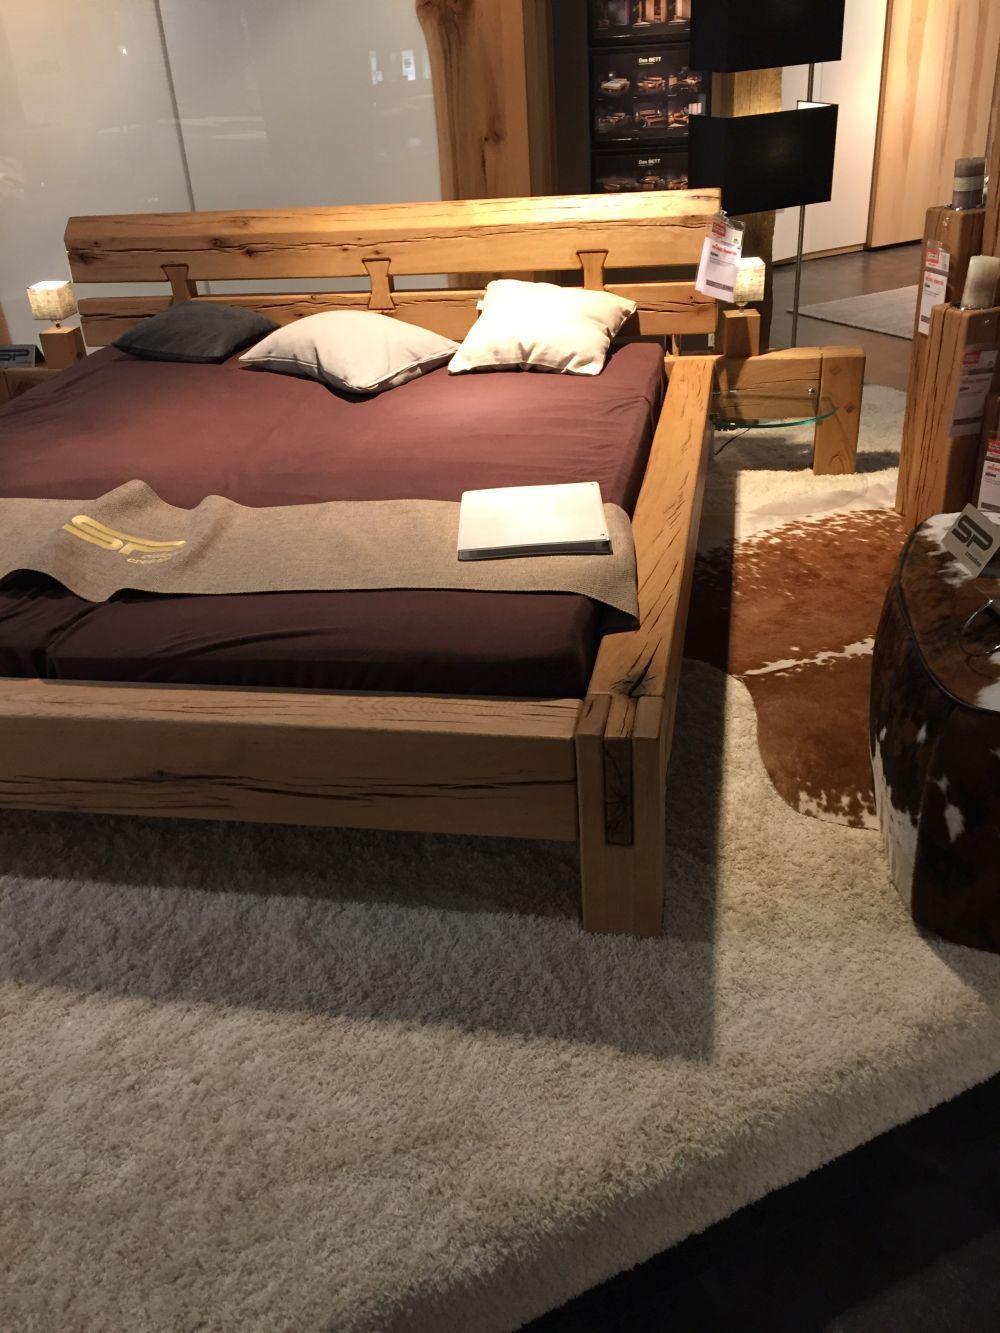 neues bett matratze seite 3 konsolentreff das videospiele forum. Black Bedroom Furniture Sets. Home Design Ideas